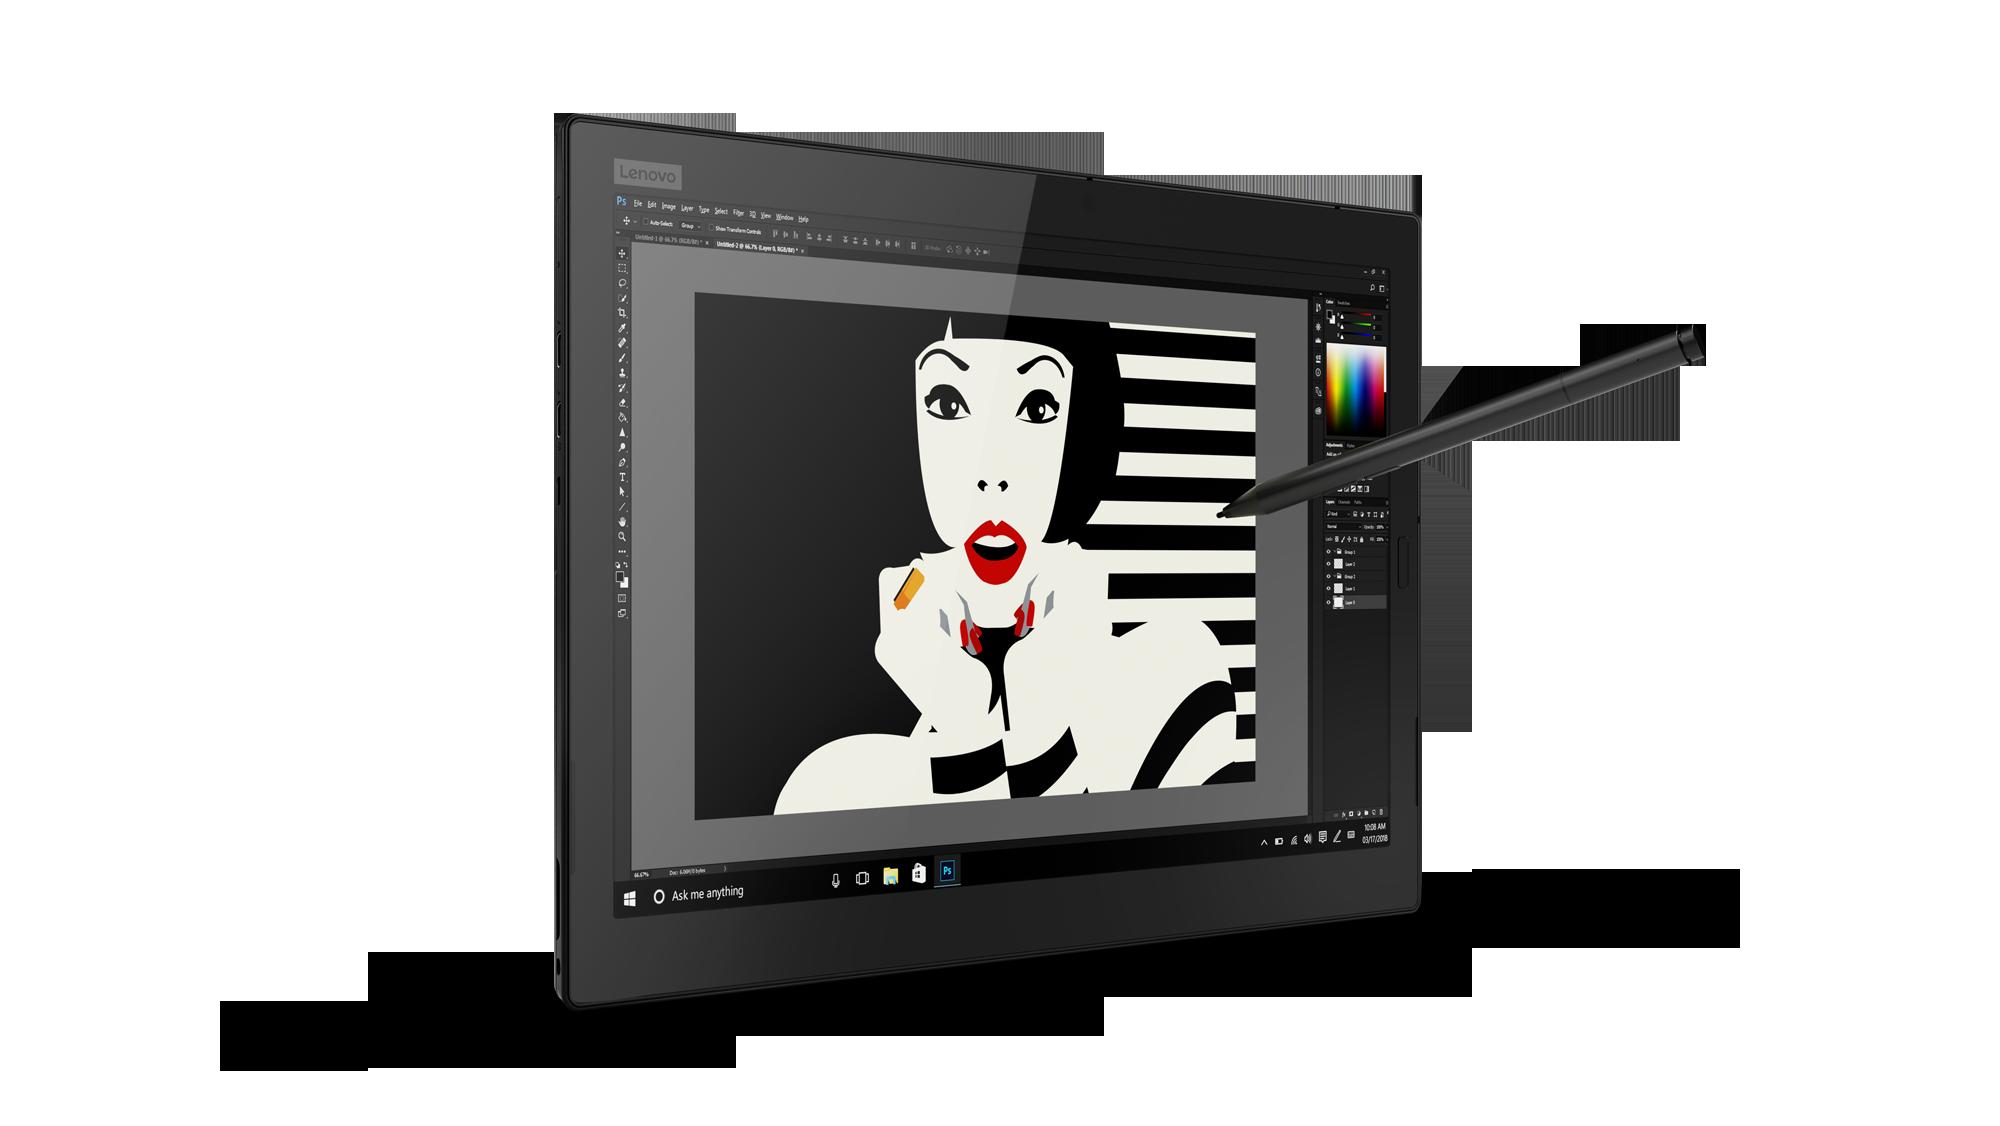 Lenovo Thinkpad X1: Dolby Vision für das Yoga, 3K-Display für das Tablet - Lenovo Thinkpad X1 Tablet (Bild: Lenovo)